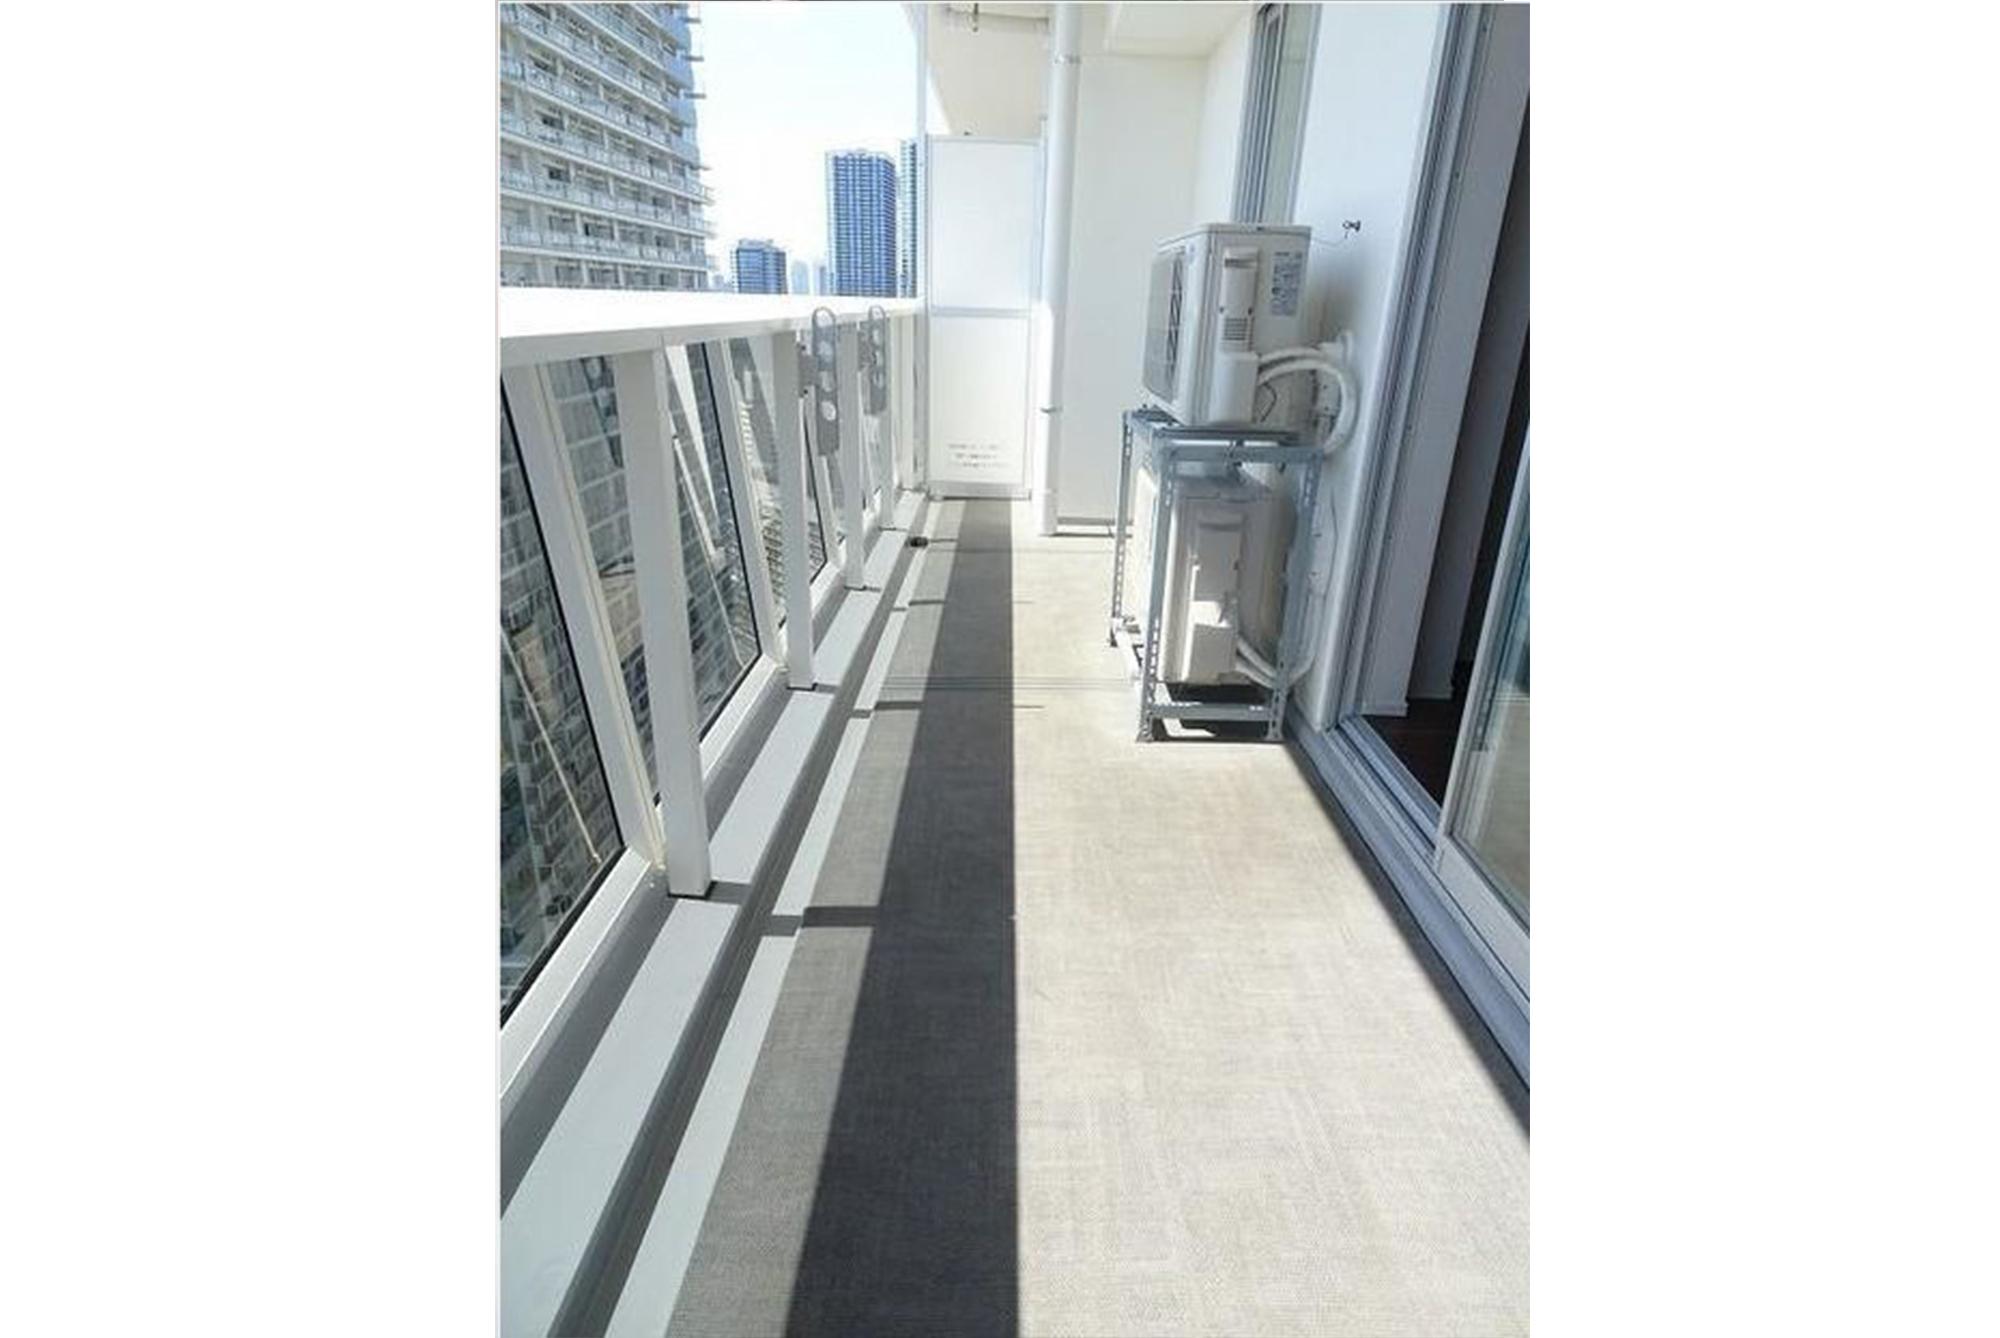 ザ・パークハウス晴海タワーズ ティアロレジデンス 24階の写真8